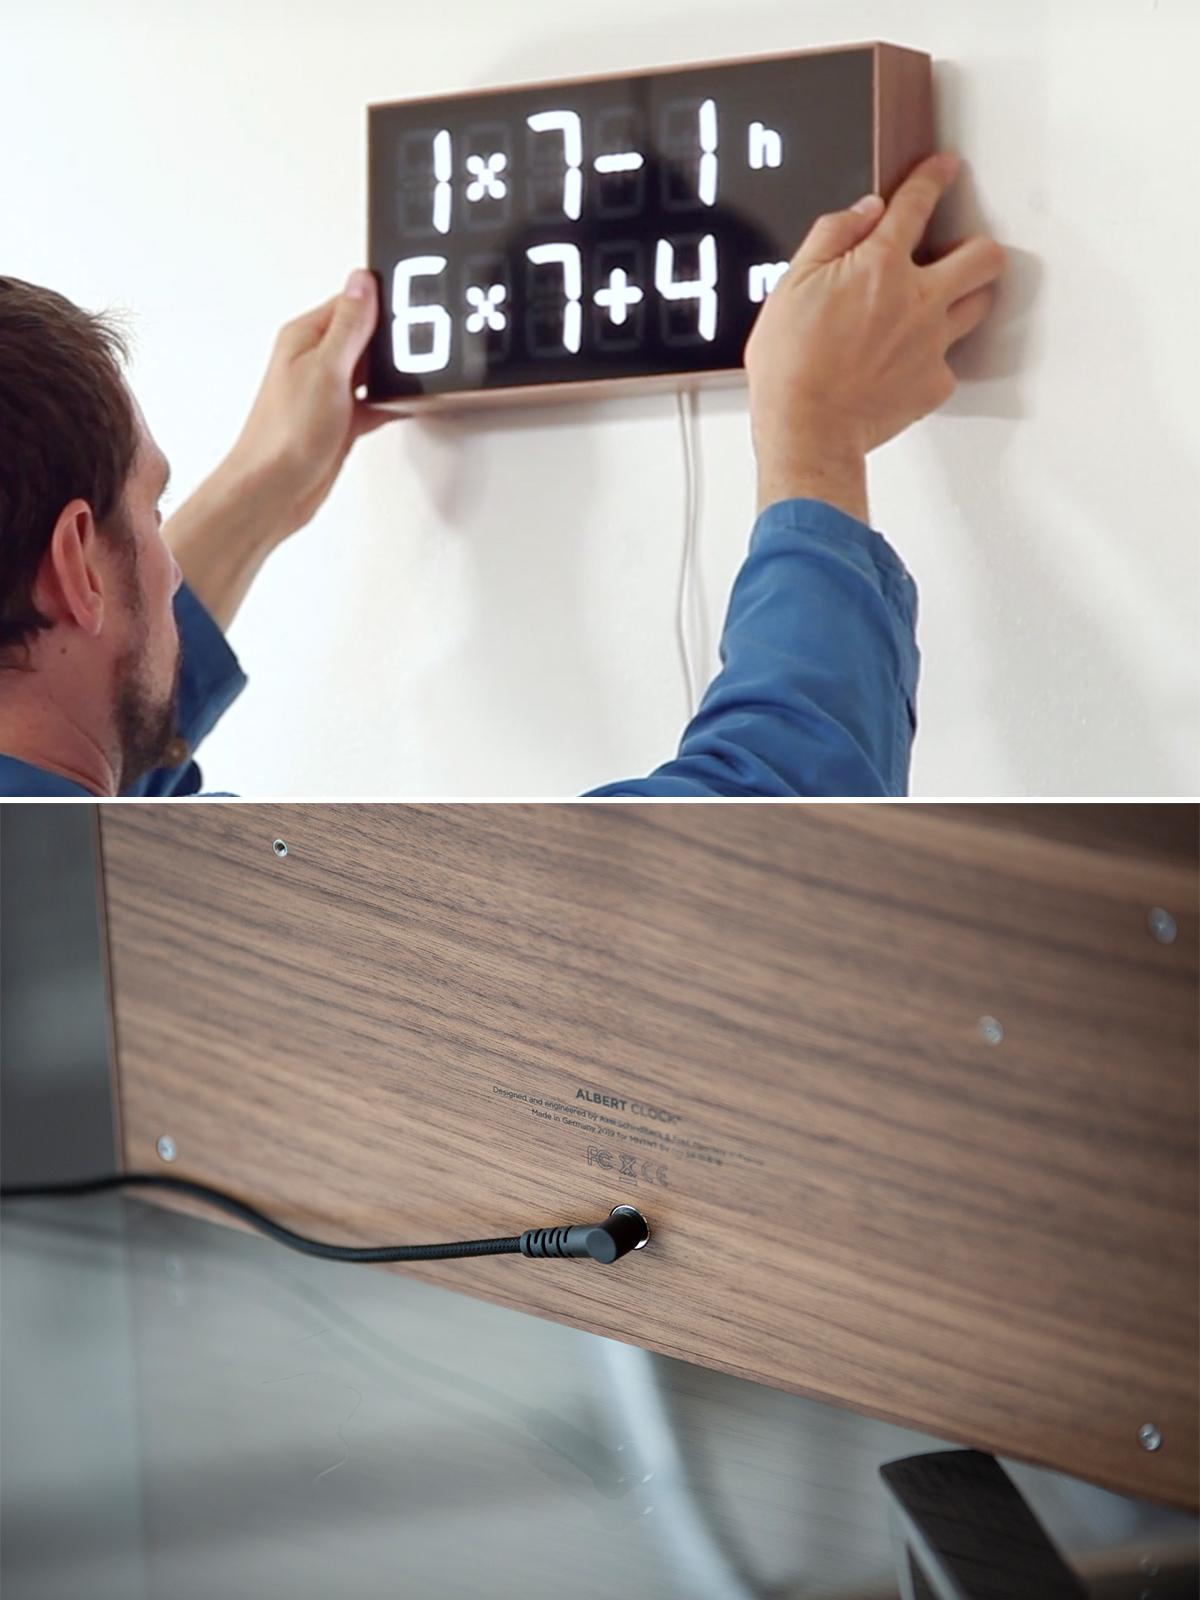 本体背面から電源アダプタを接続。ゲーム感覚で数式を解いて、時刻を割り出すデジタル置き時計 |Albert Clock